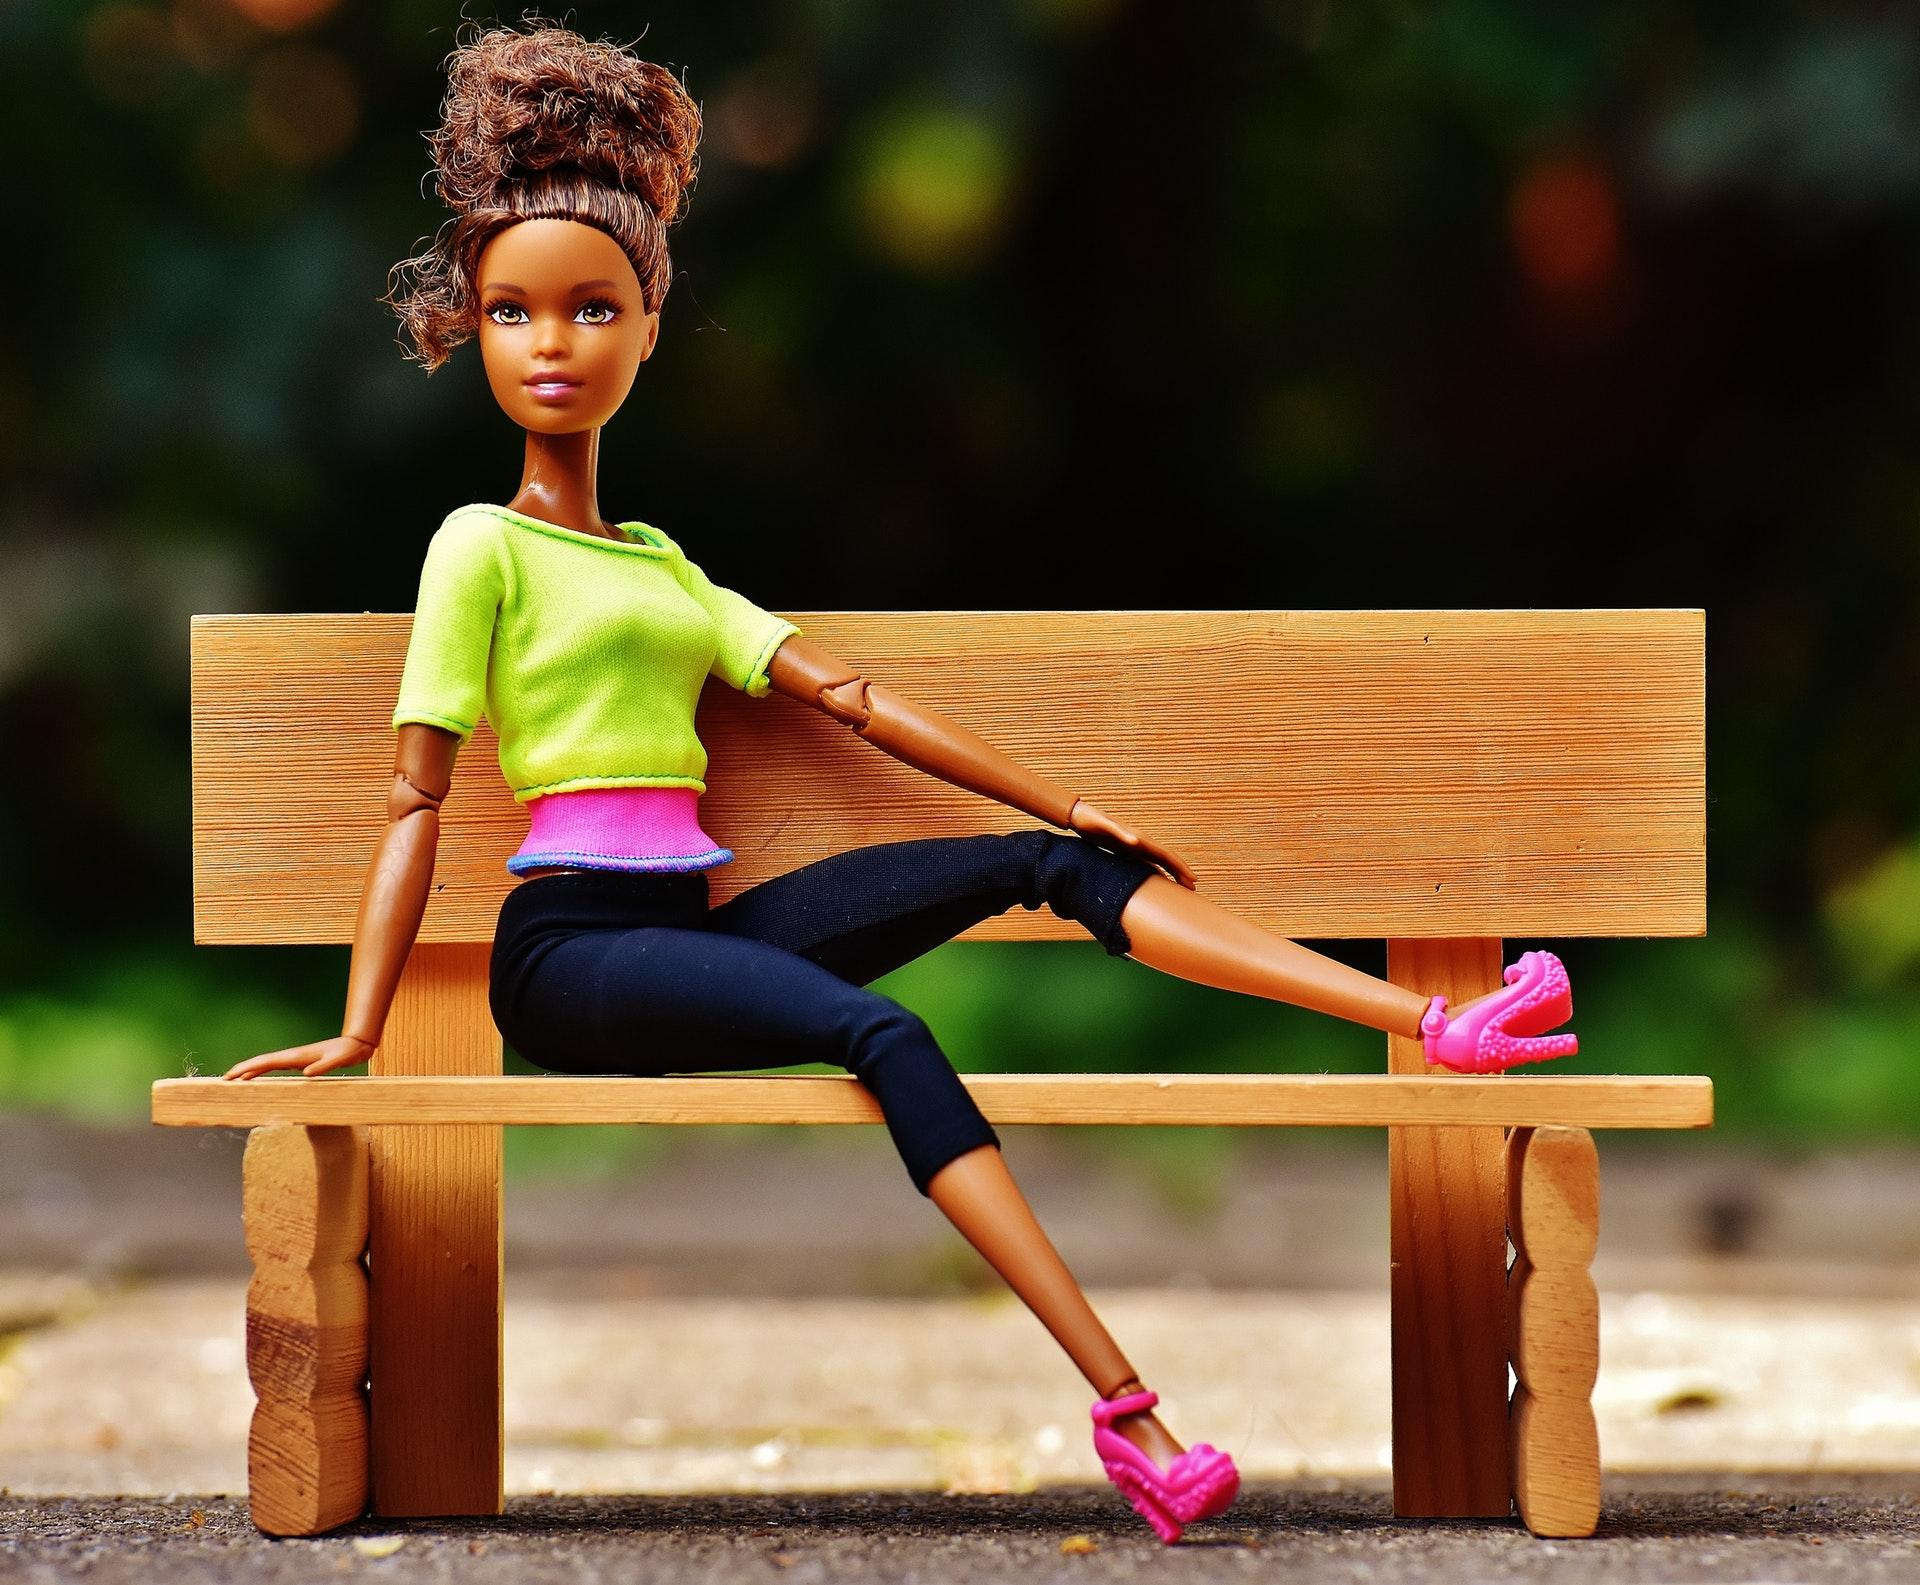 Barbie ist aus Gründen erfolgreich. Du kannst das auch! (Bild: Pexels.com)